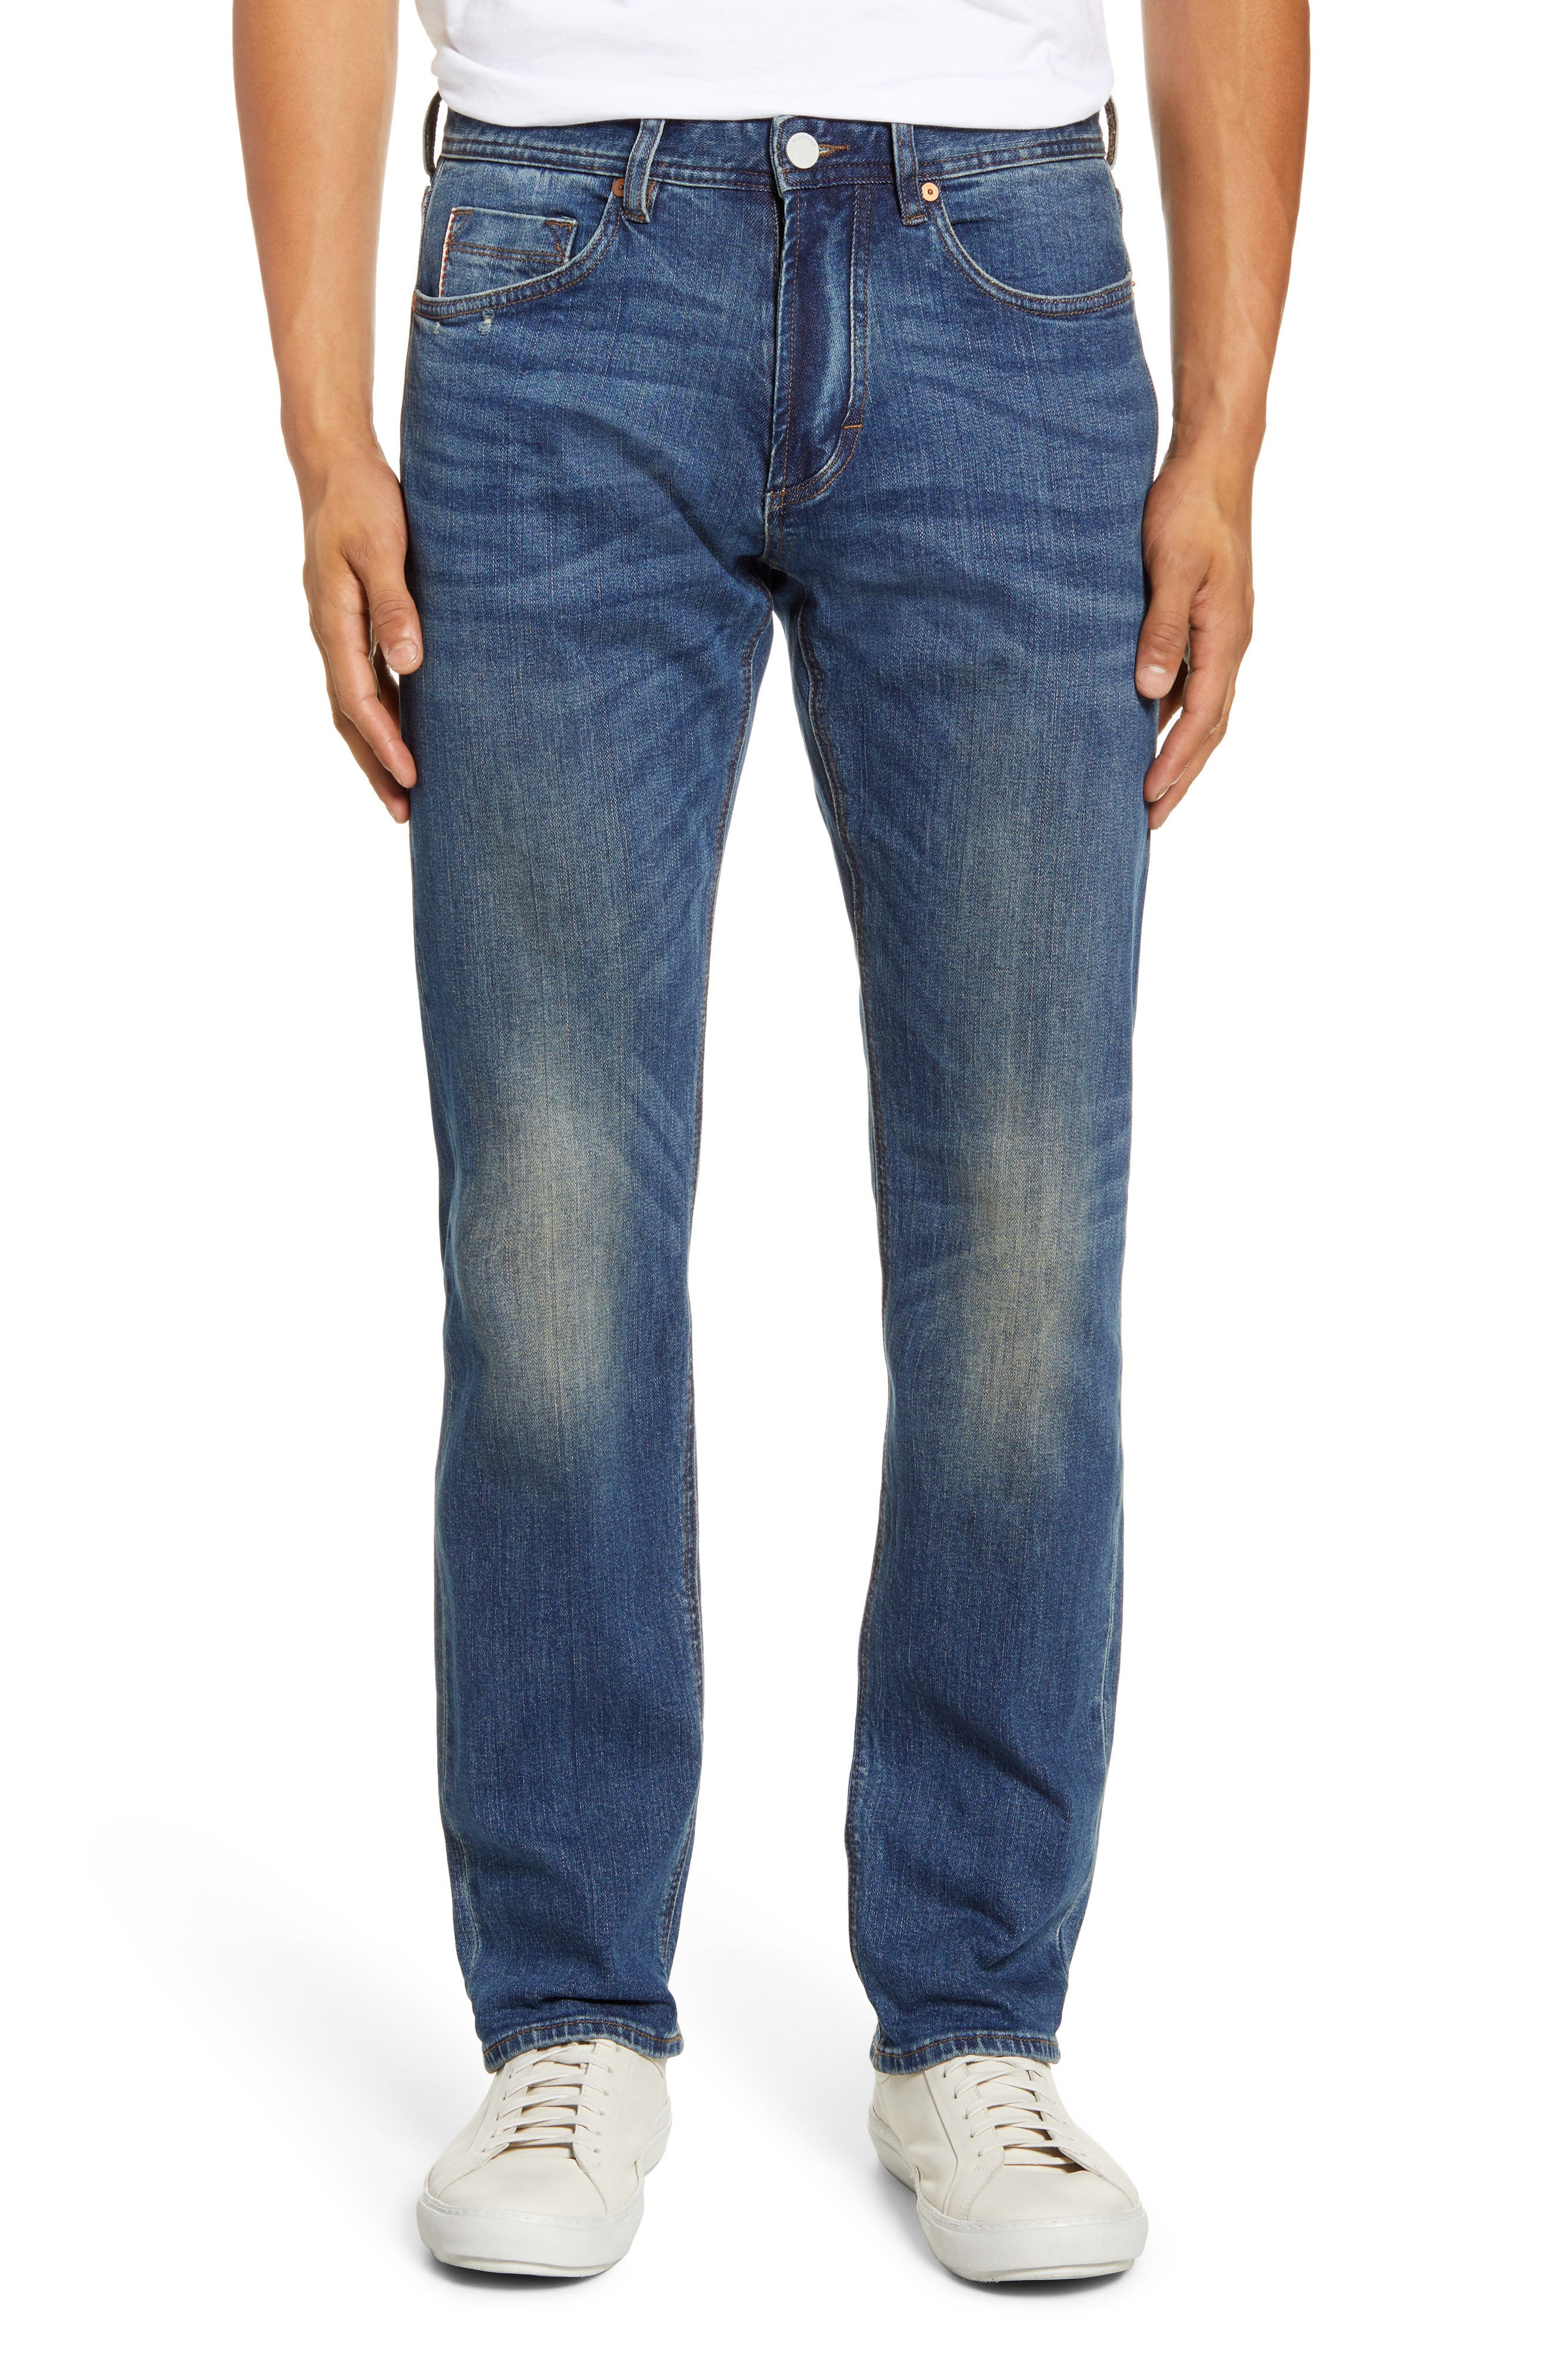 Blanknyc Jeans Wooster Slim Fit Jeans